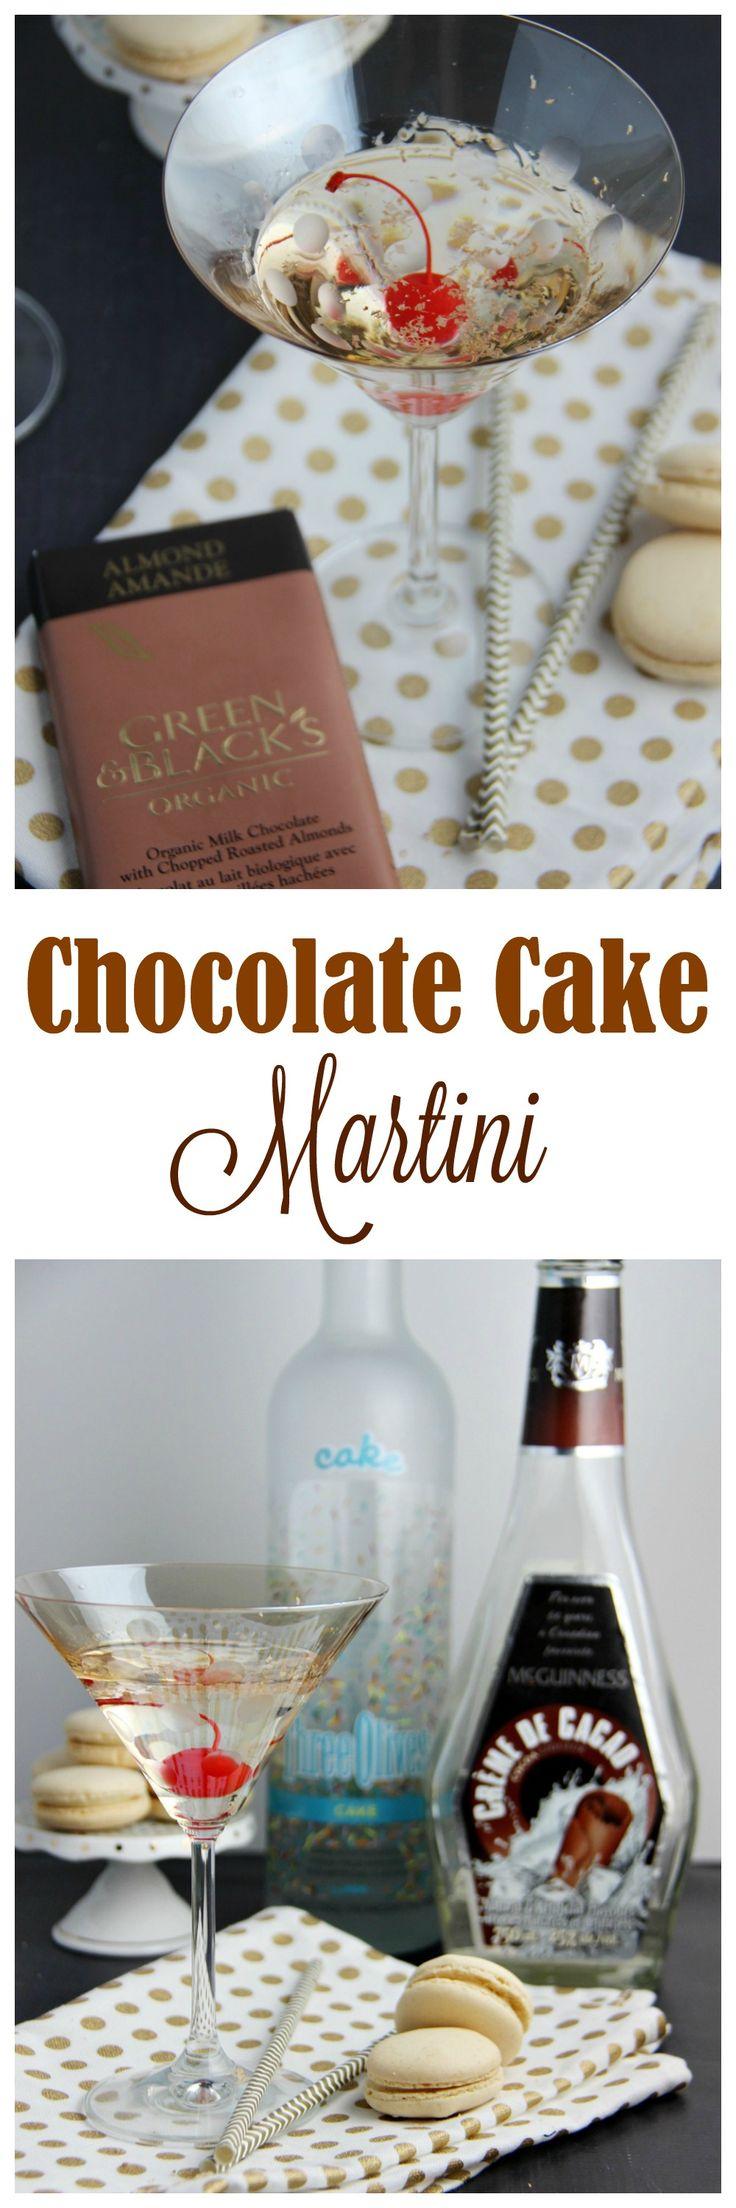 Chocolate Cake Martini Recipe Martinis Chocolate cake and